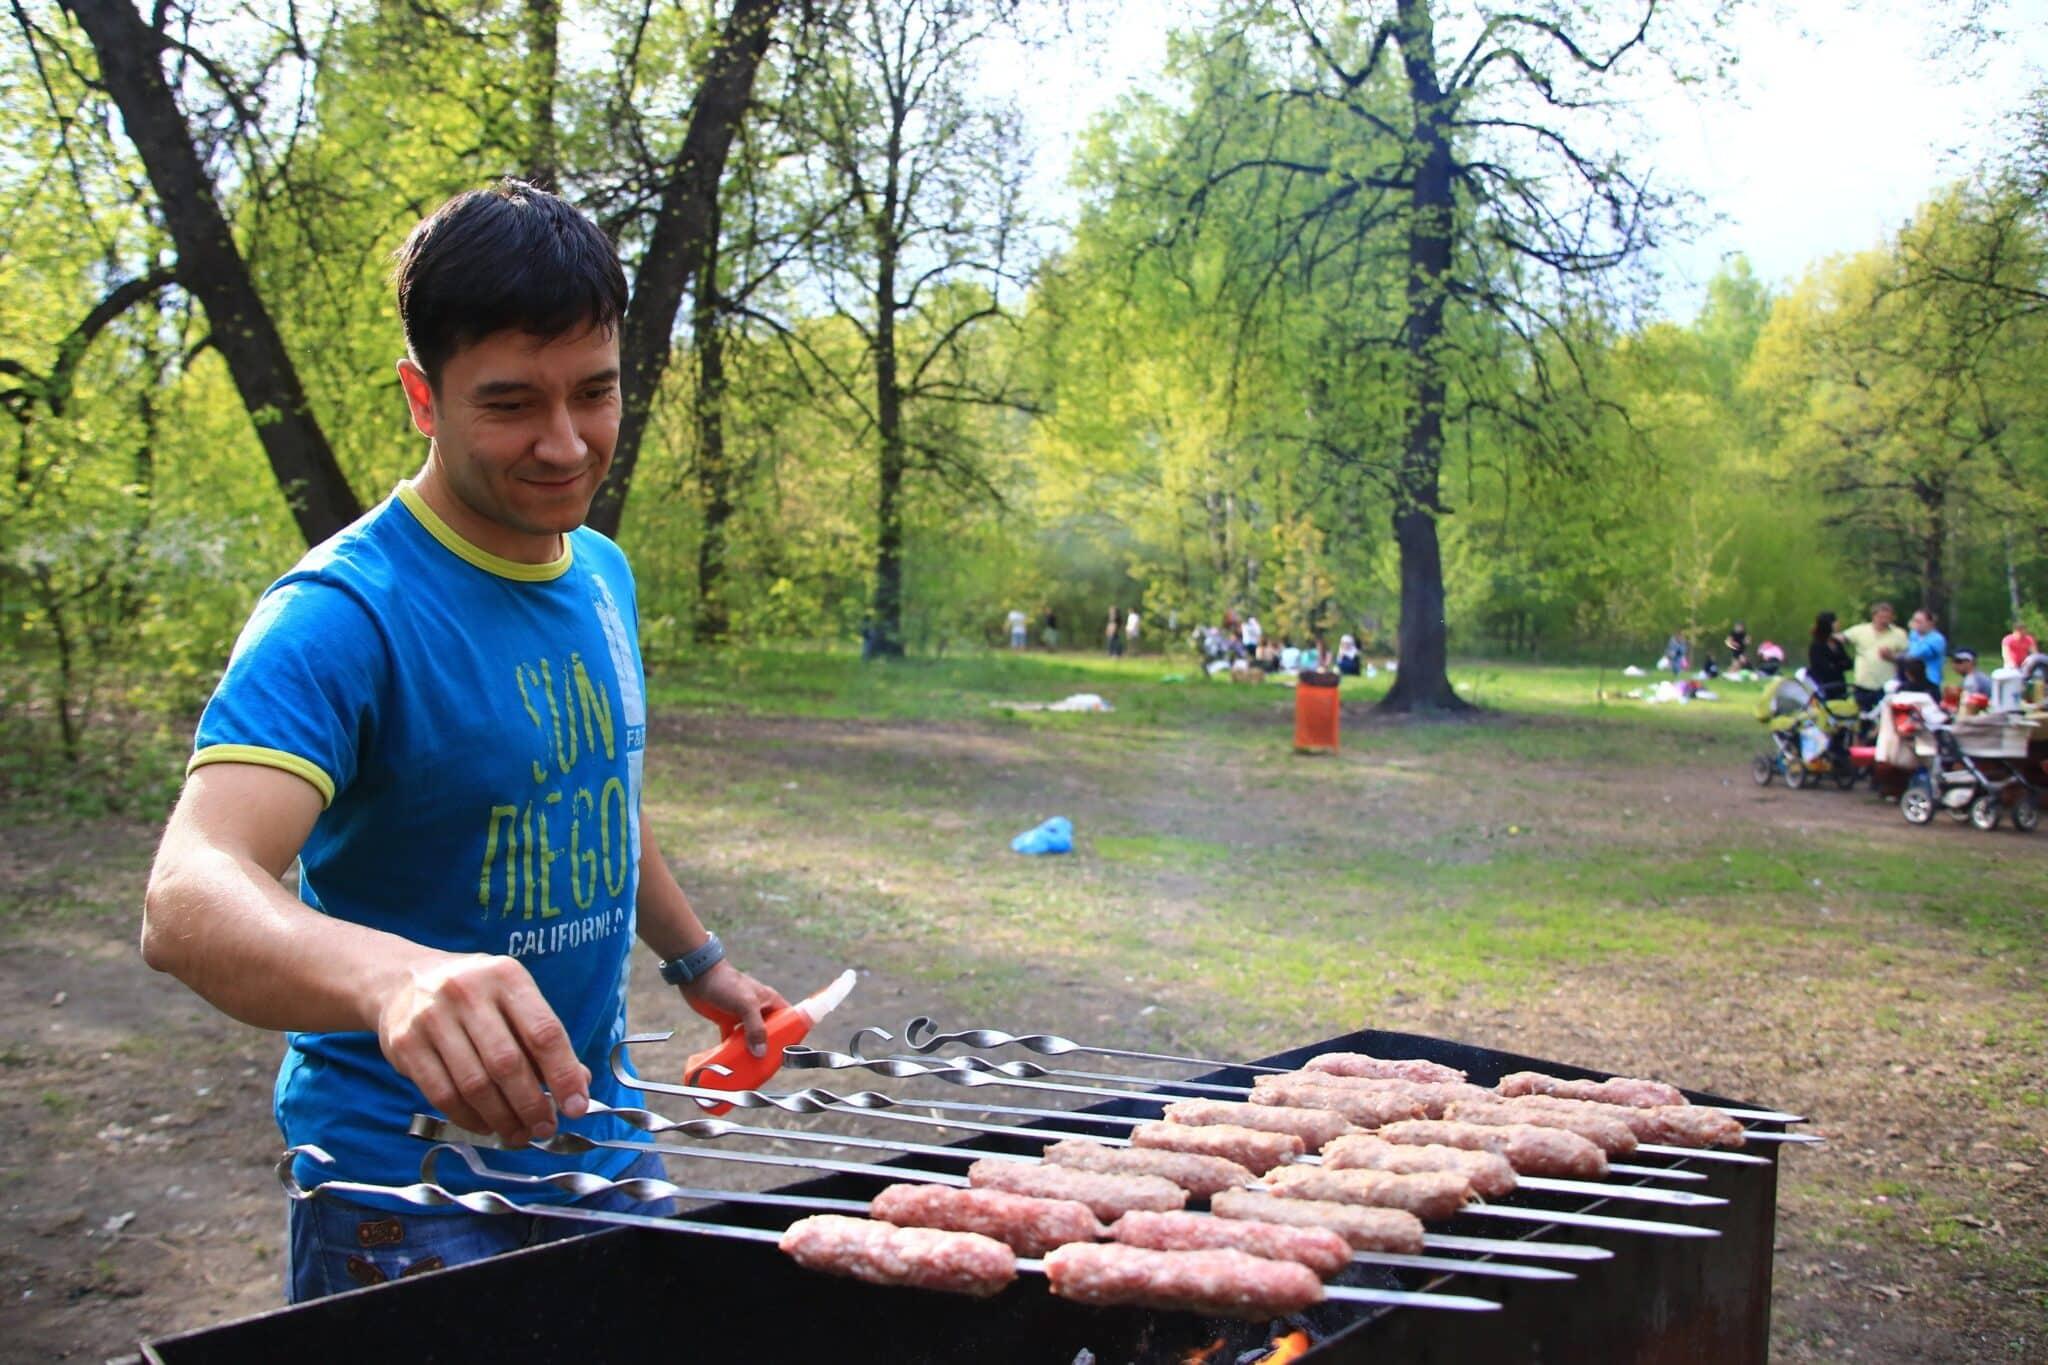 Места, где можно бесплатно пожарить шашлык в Москве в 2019 году